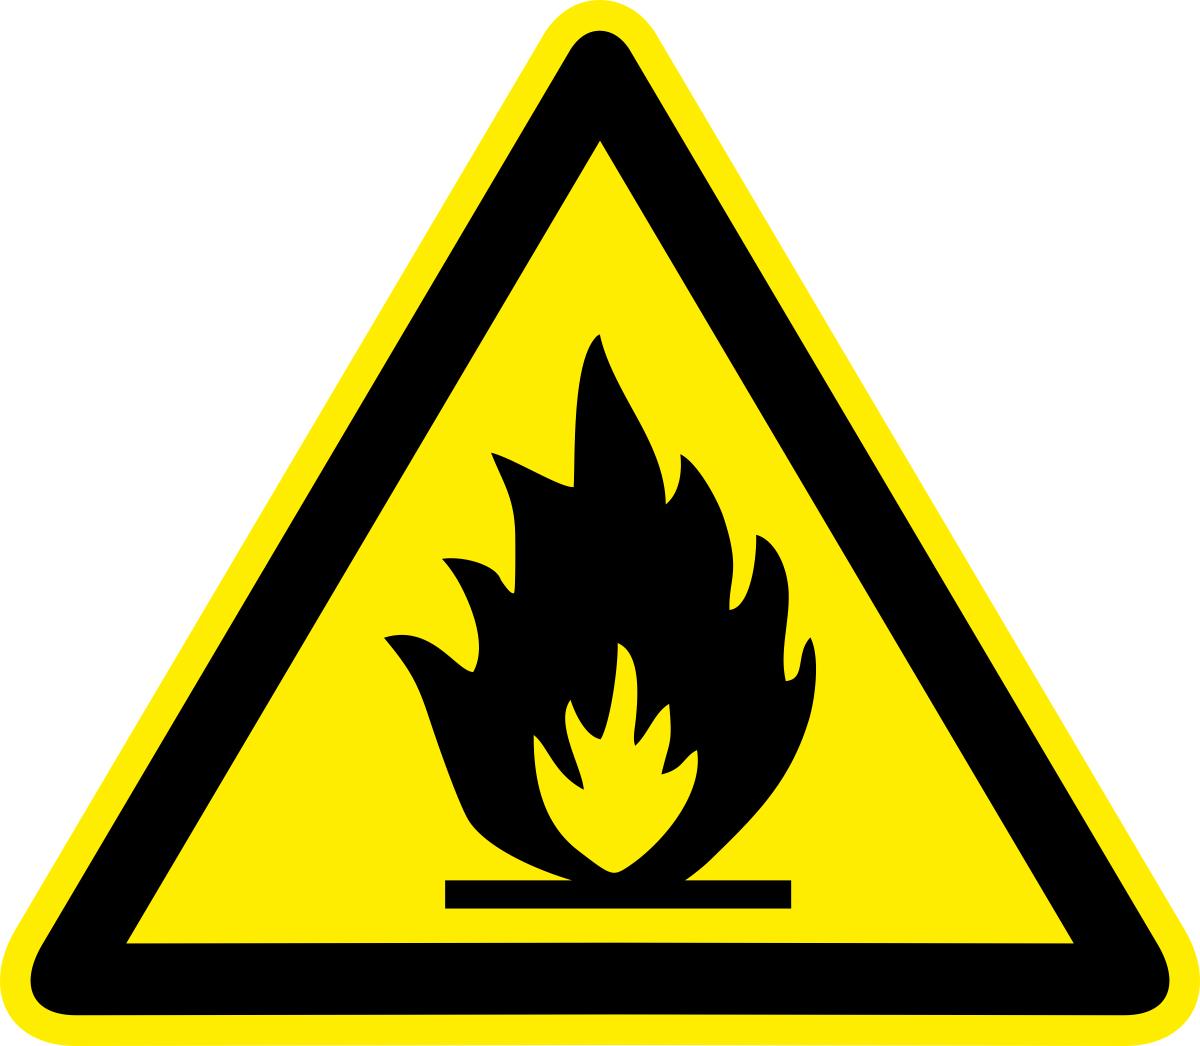 Наклейка информационная Оранжевый Слоник Пожароопасно. Легковоспламеняющиеся вещества, 15 х 15 смINW011RGBИнформационные наклейки предназначенны для предупреждения людей о непосредственной или возможной опасности, запрещения, предписания или разрешения определенных действий, а также для информации о расположении объектов и средств, использование которых ислючает или снижает воздействие опасных и (или) вредных факторов.